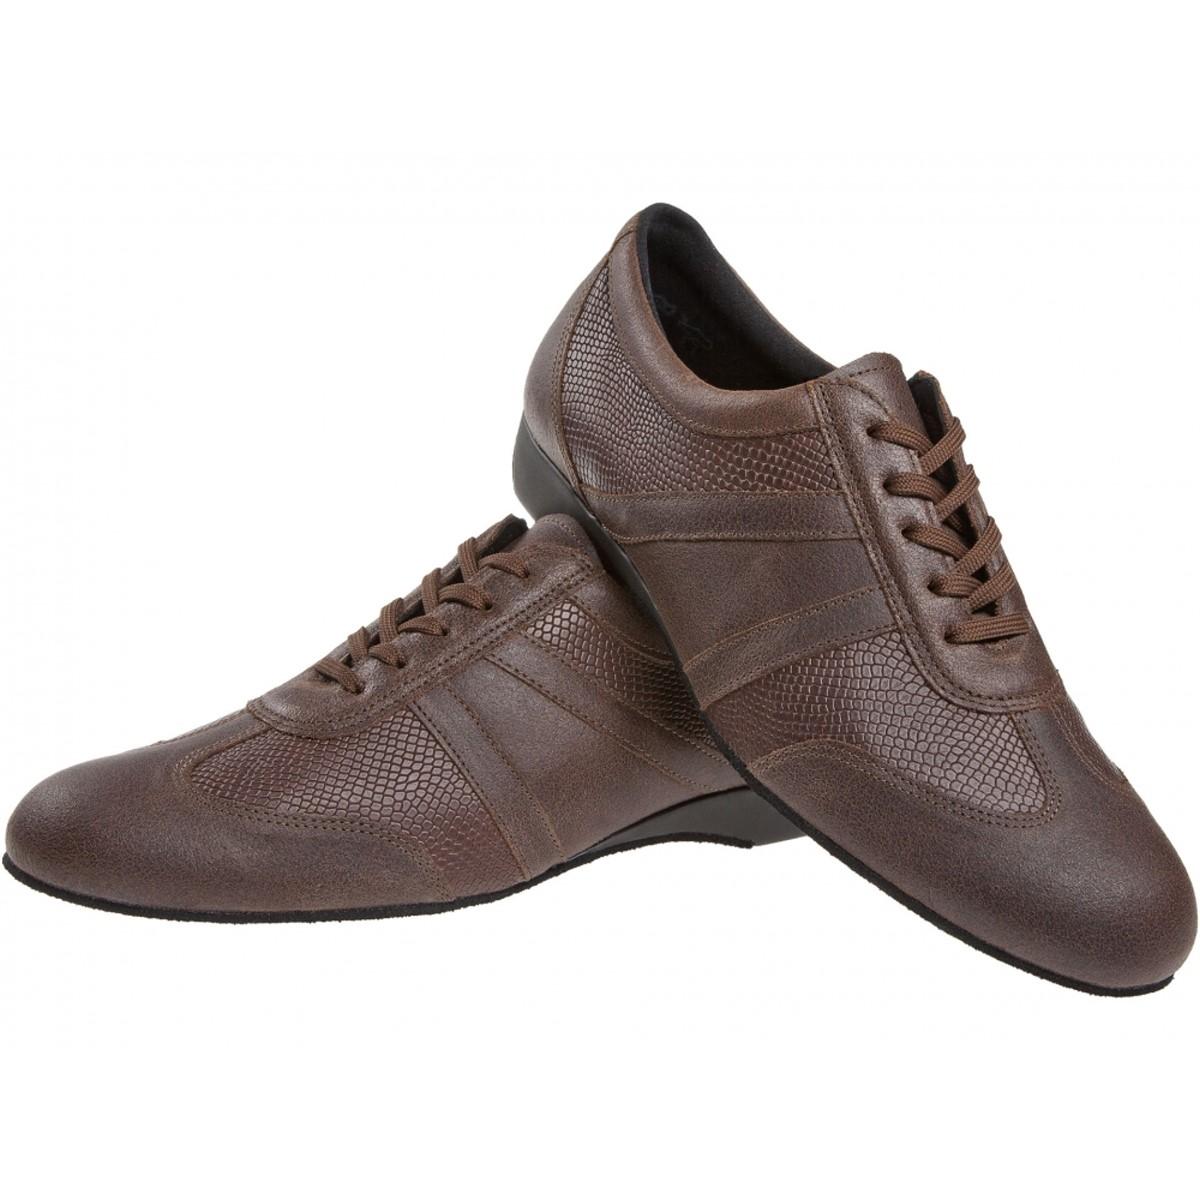 Diamant Herren Ballroom Sneakers 133 225 042 [Weit]